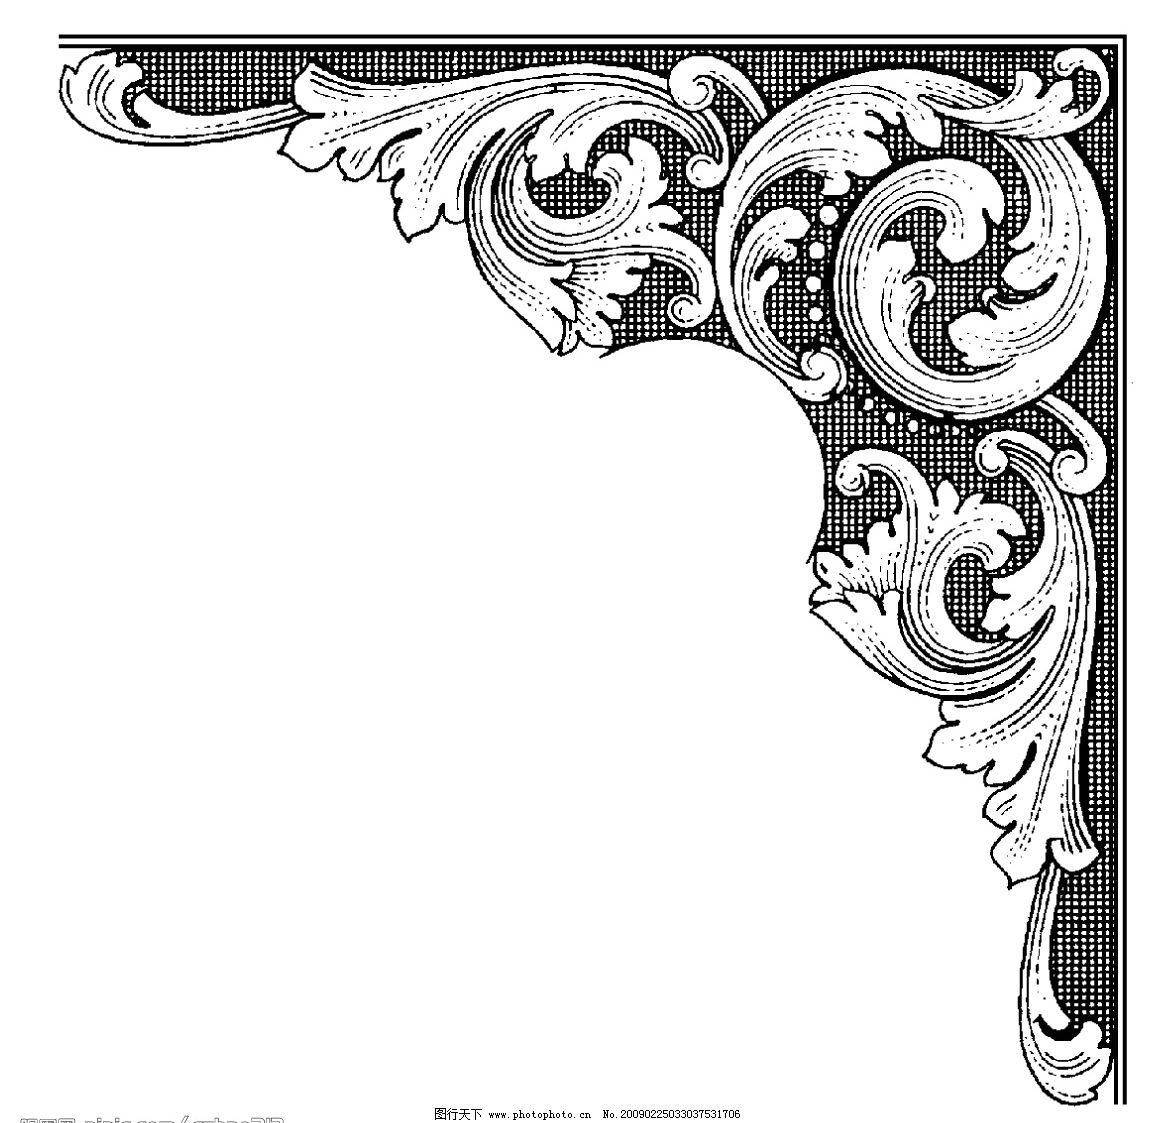 古典边框psd分层素材